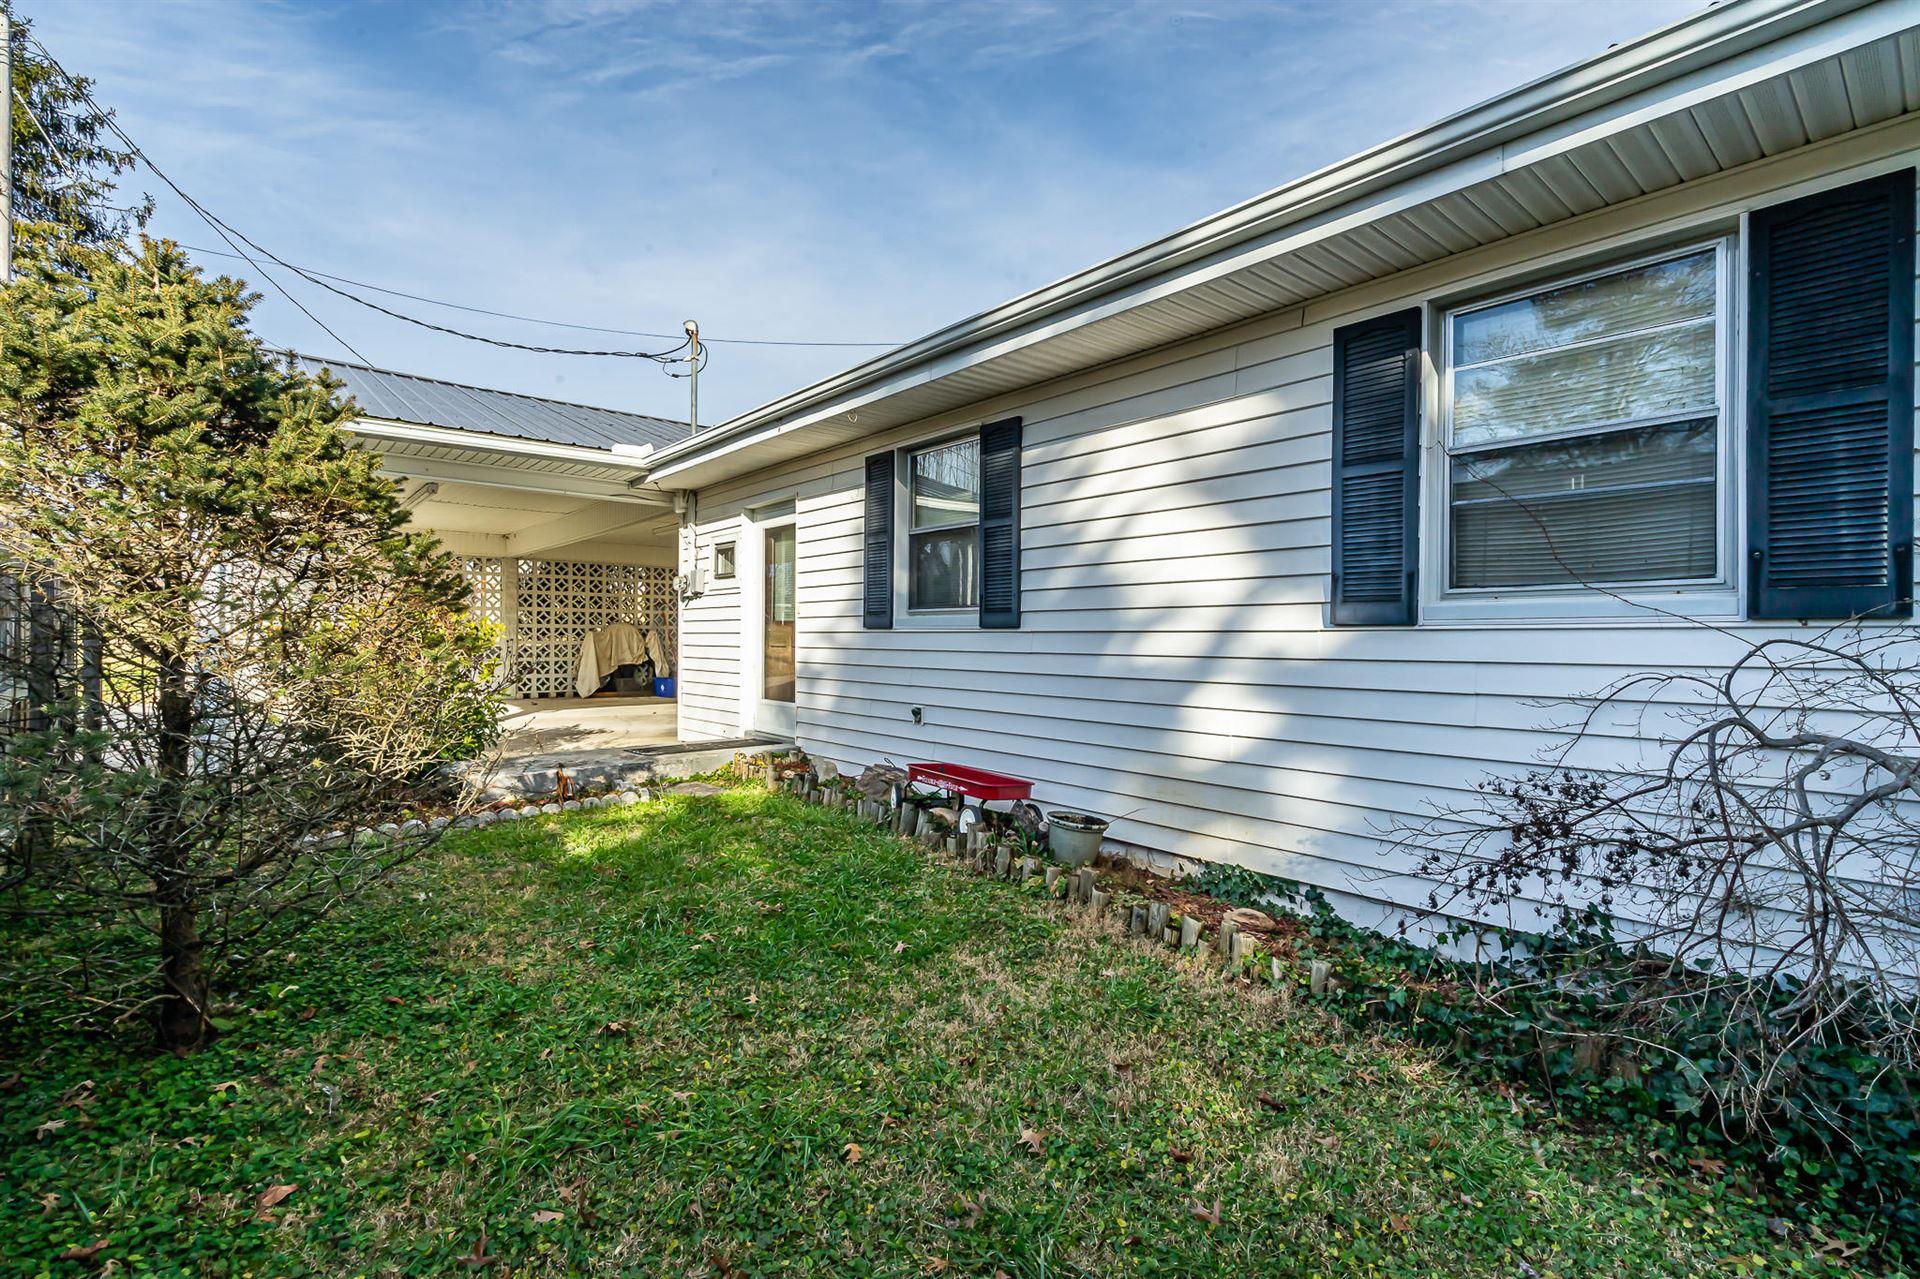 Photo of 102 Piedmont Rd, Oak Ridge, TN 37830 (MLS # 1139301)